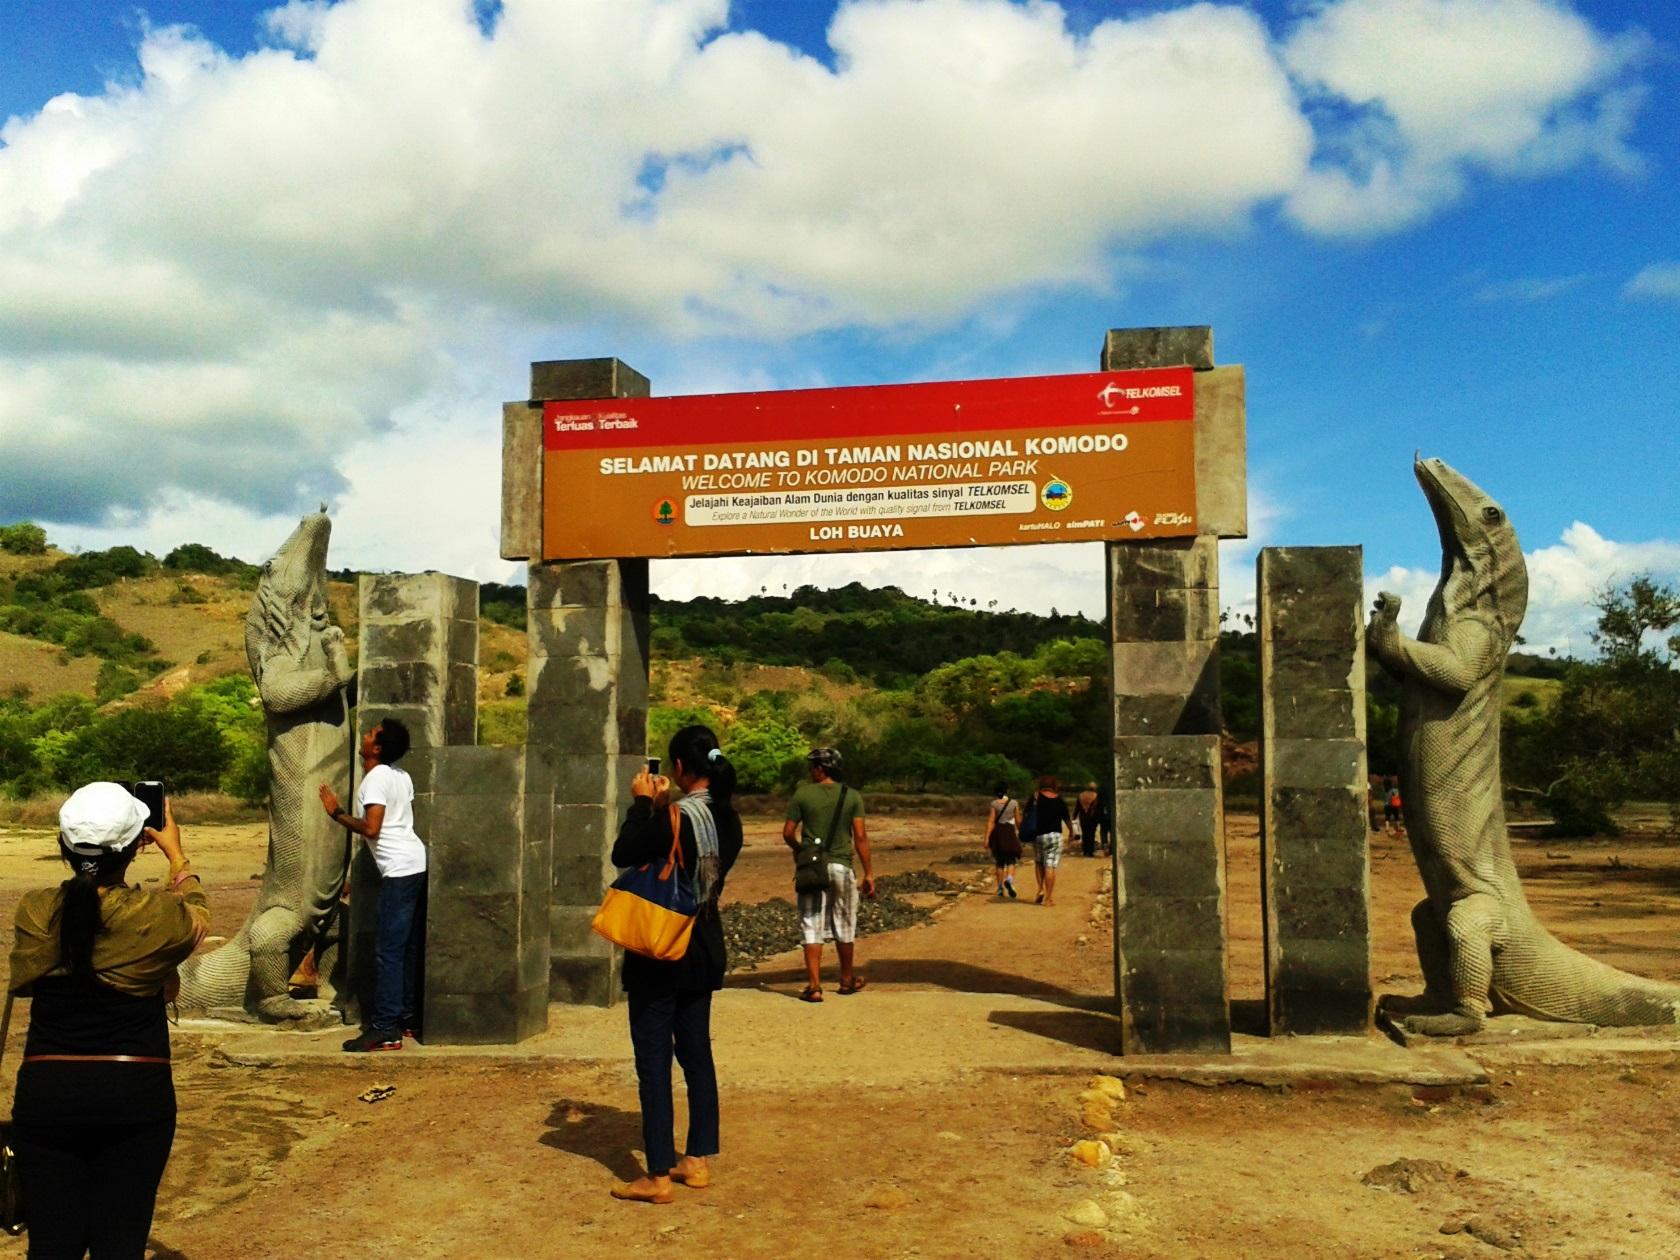 コモドドラゴンの立像が印象的なリンチャ島の入場ゲート(4日目)